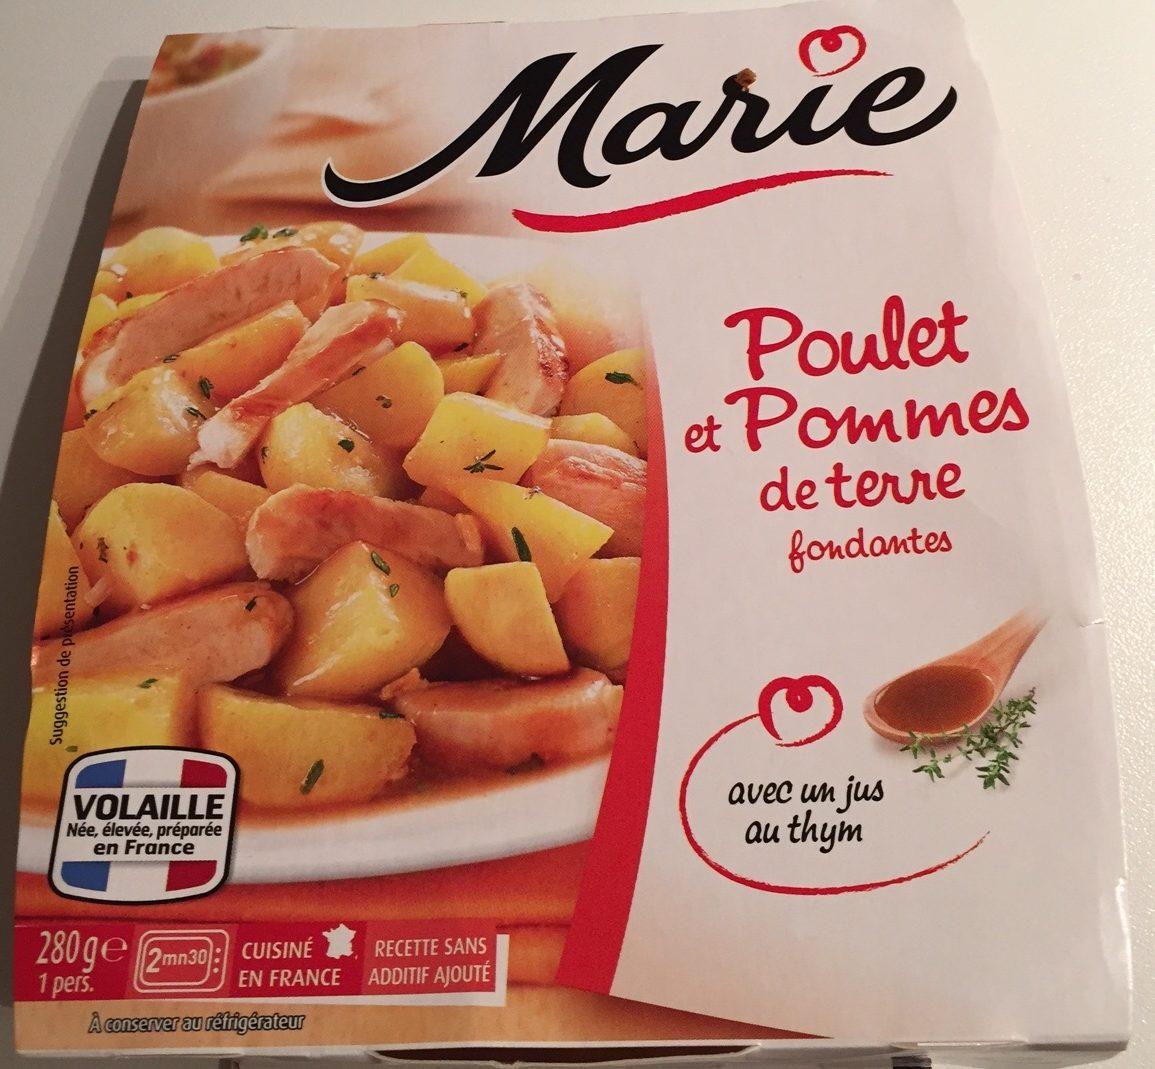 Poulet et pommes de terre fondantes - Produit - fr